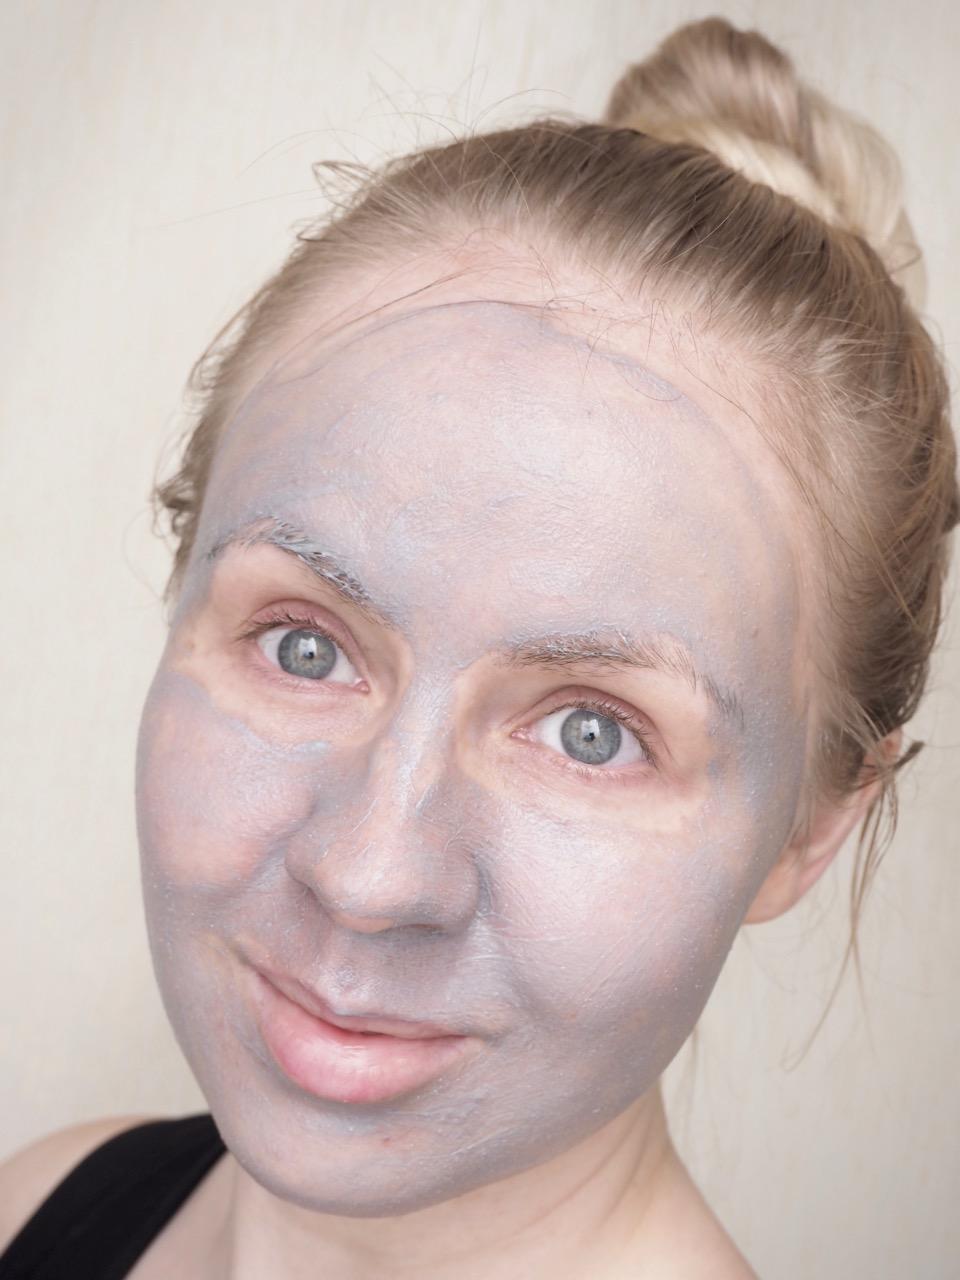 Lumene Kirkas Glow Reveal 60 seconds Facial kuoriva naamio kokemuksia ostolakossa